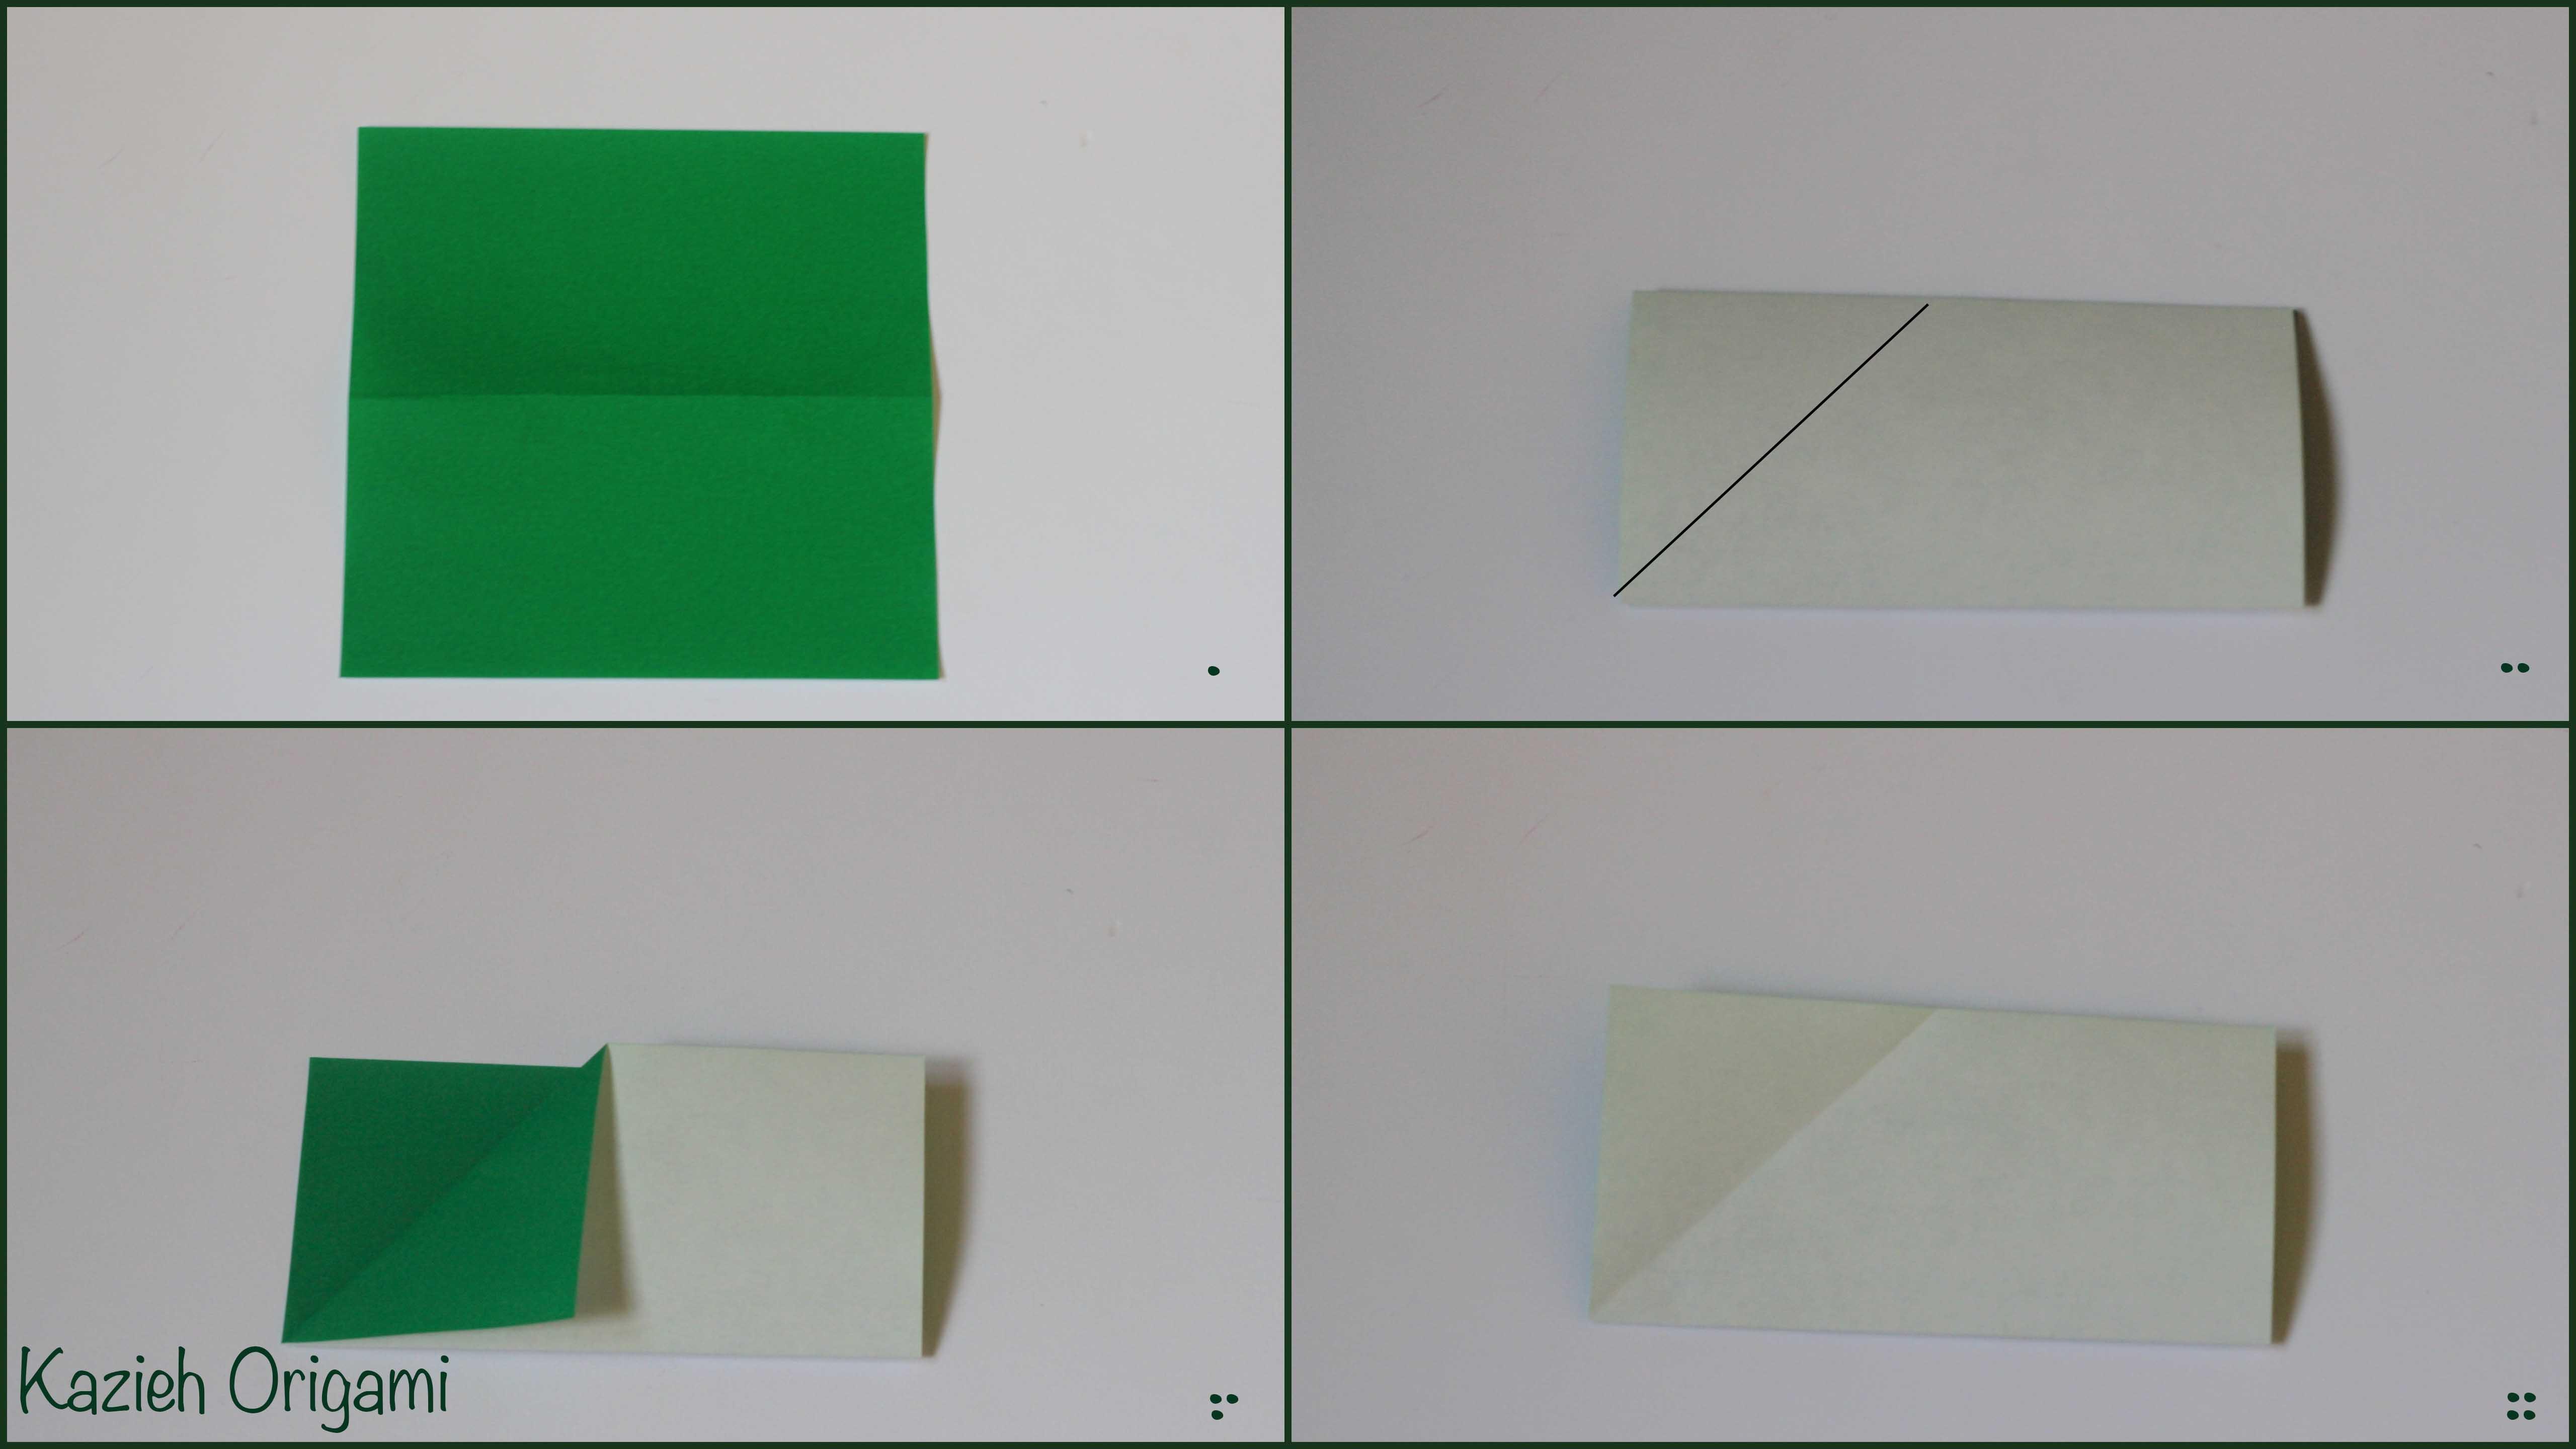 آموزش پنج ضلعی -مرحله اول- کازیه